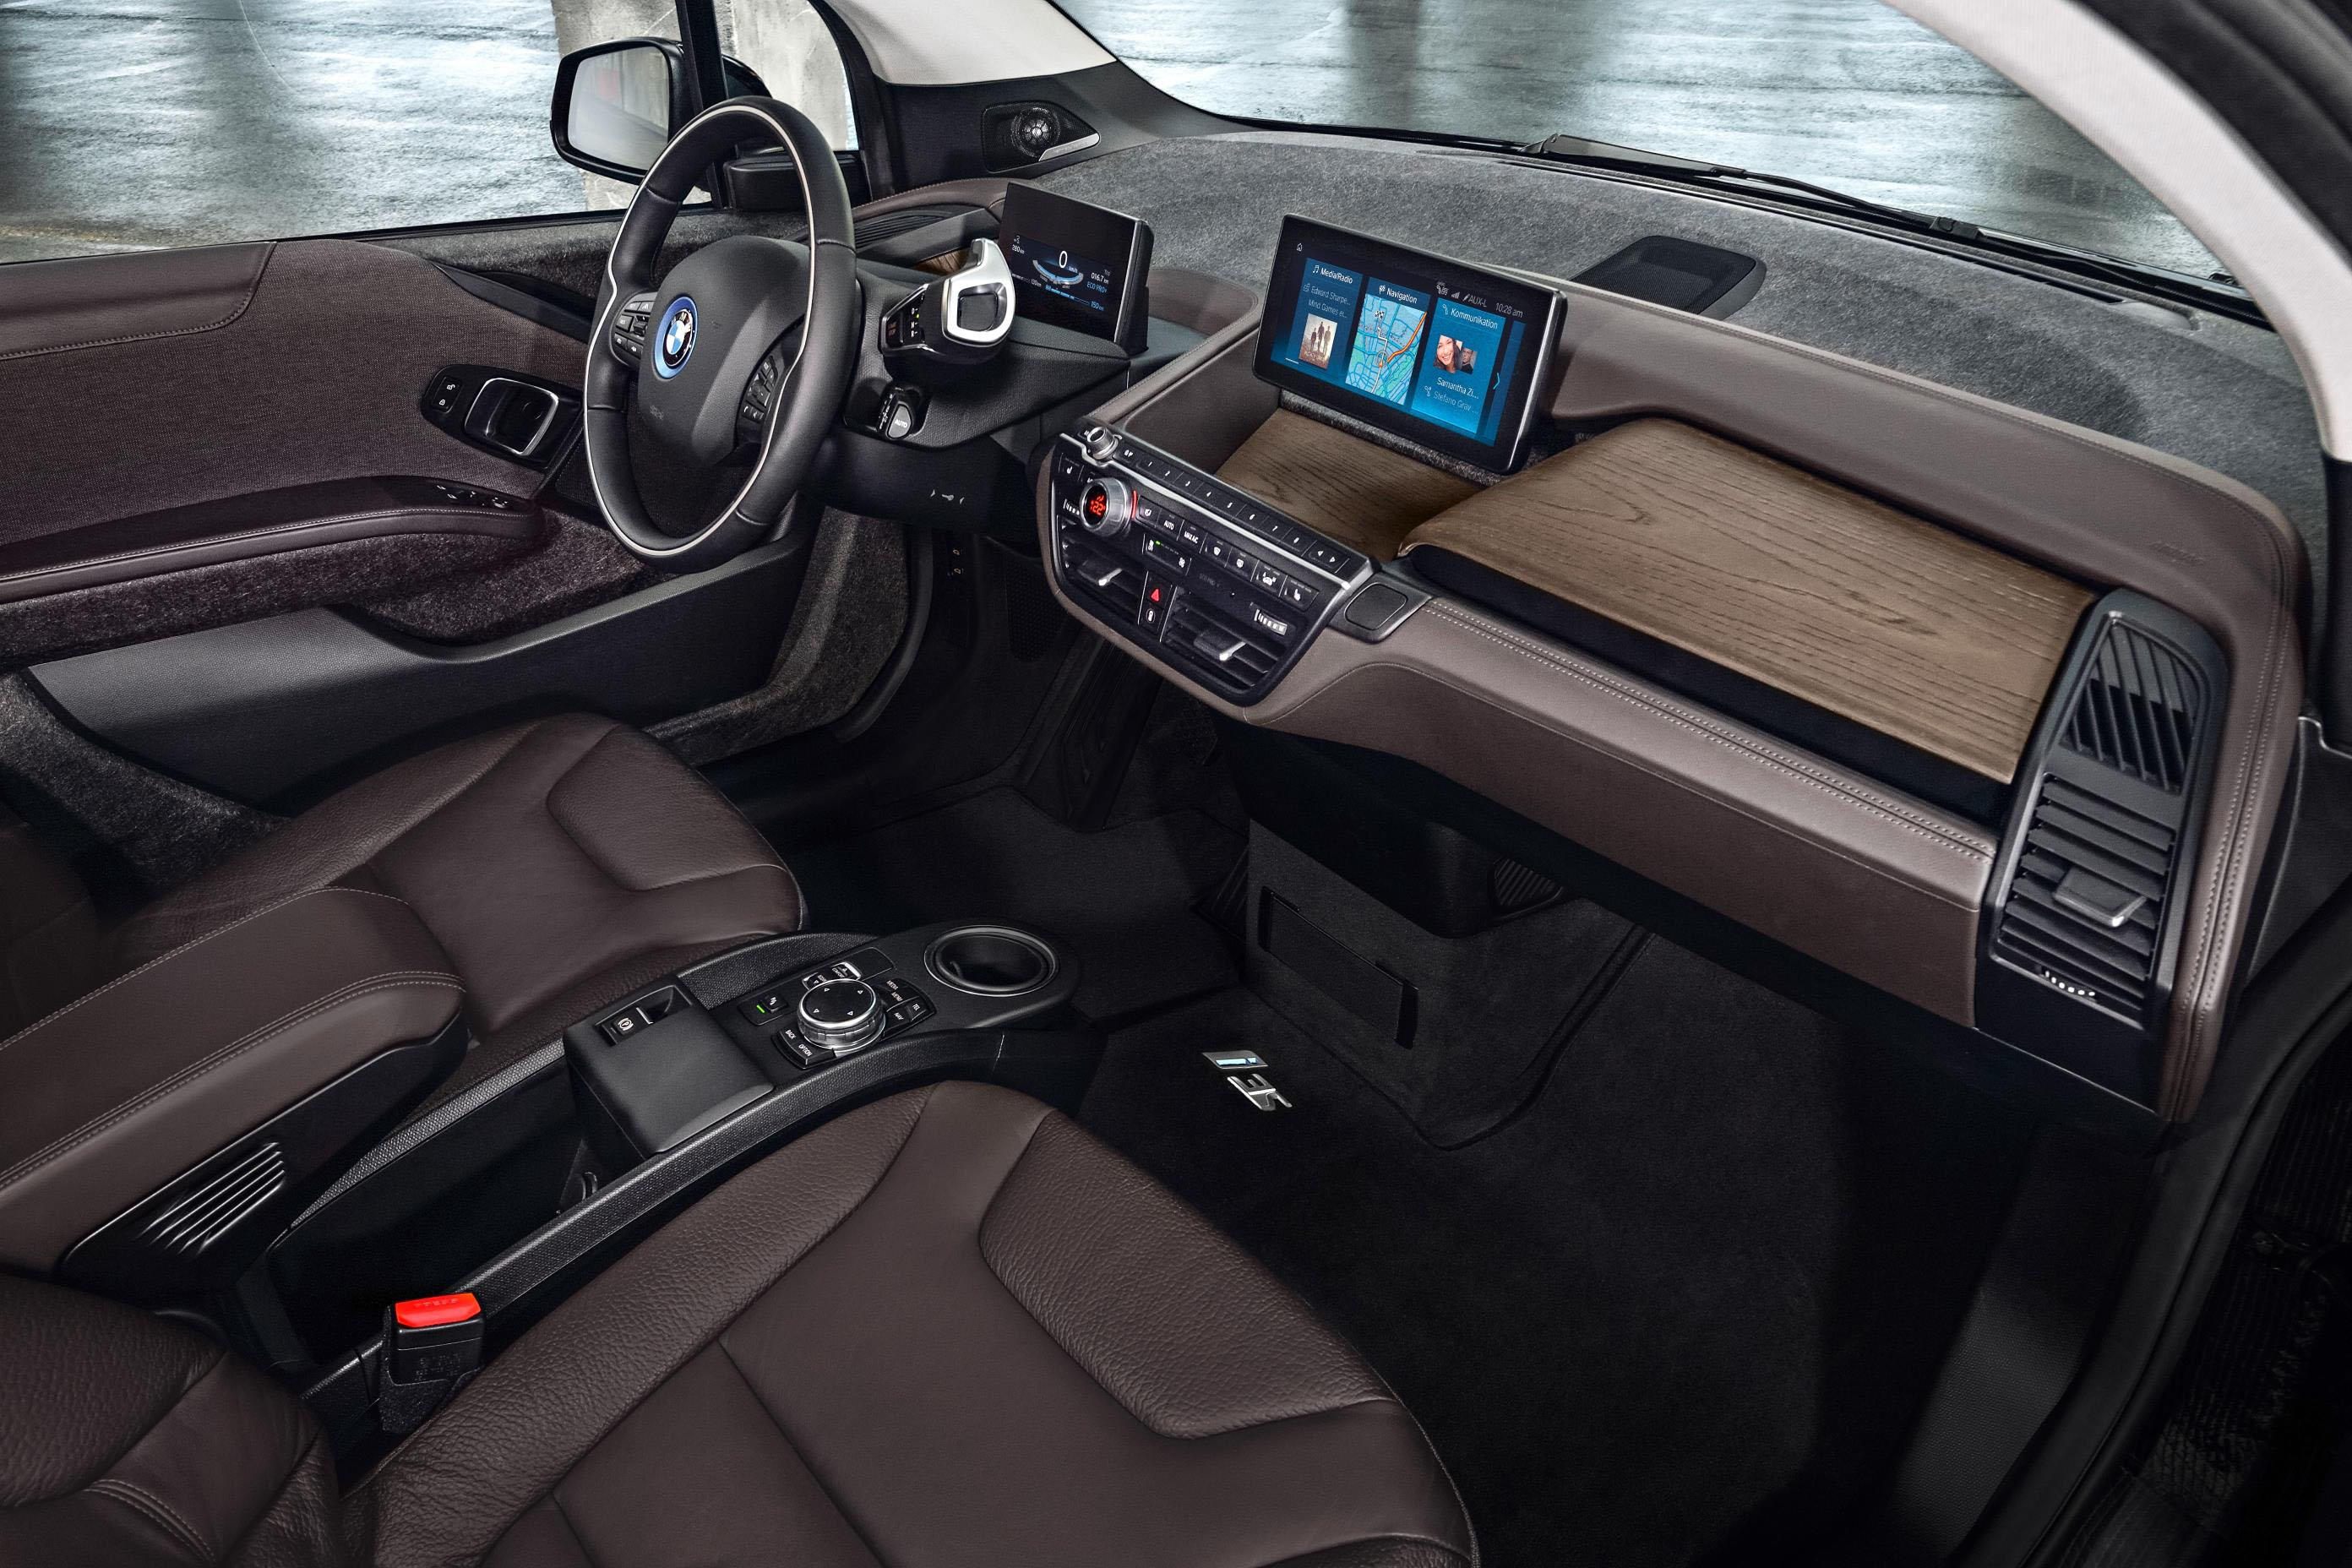 BMW i3 Image2.jpg (791 KB)